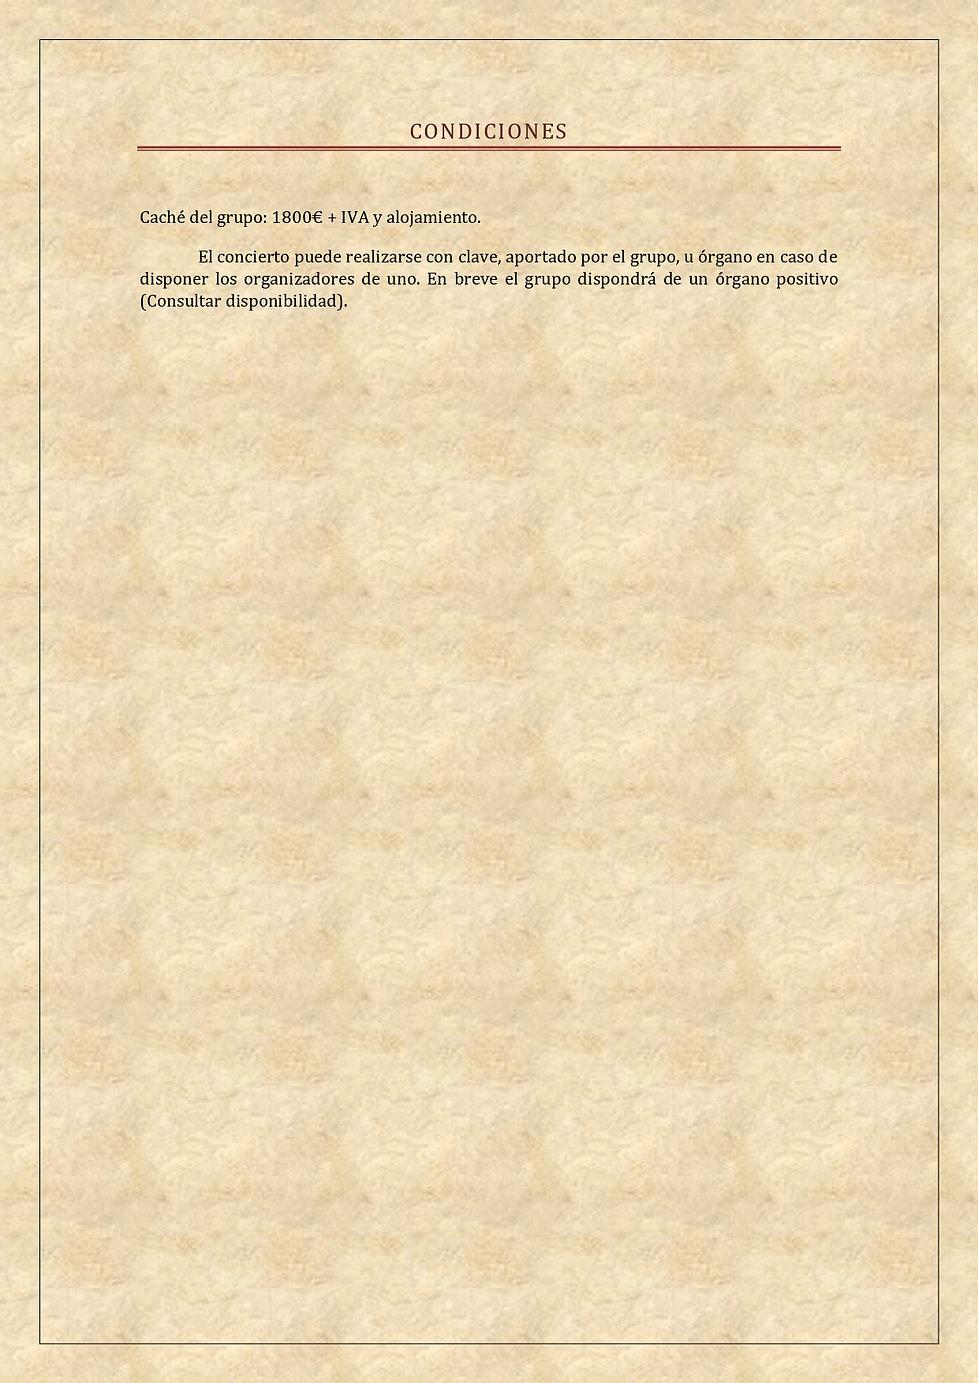 LUX BELLA_page-0008.jpg